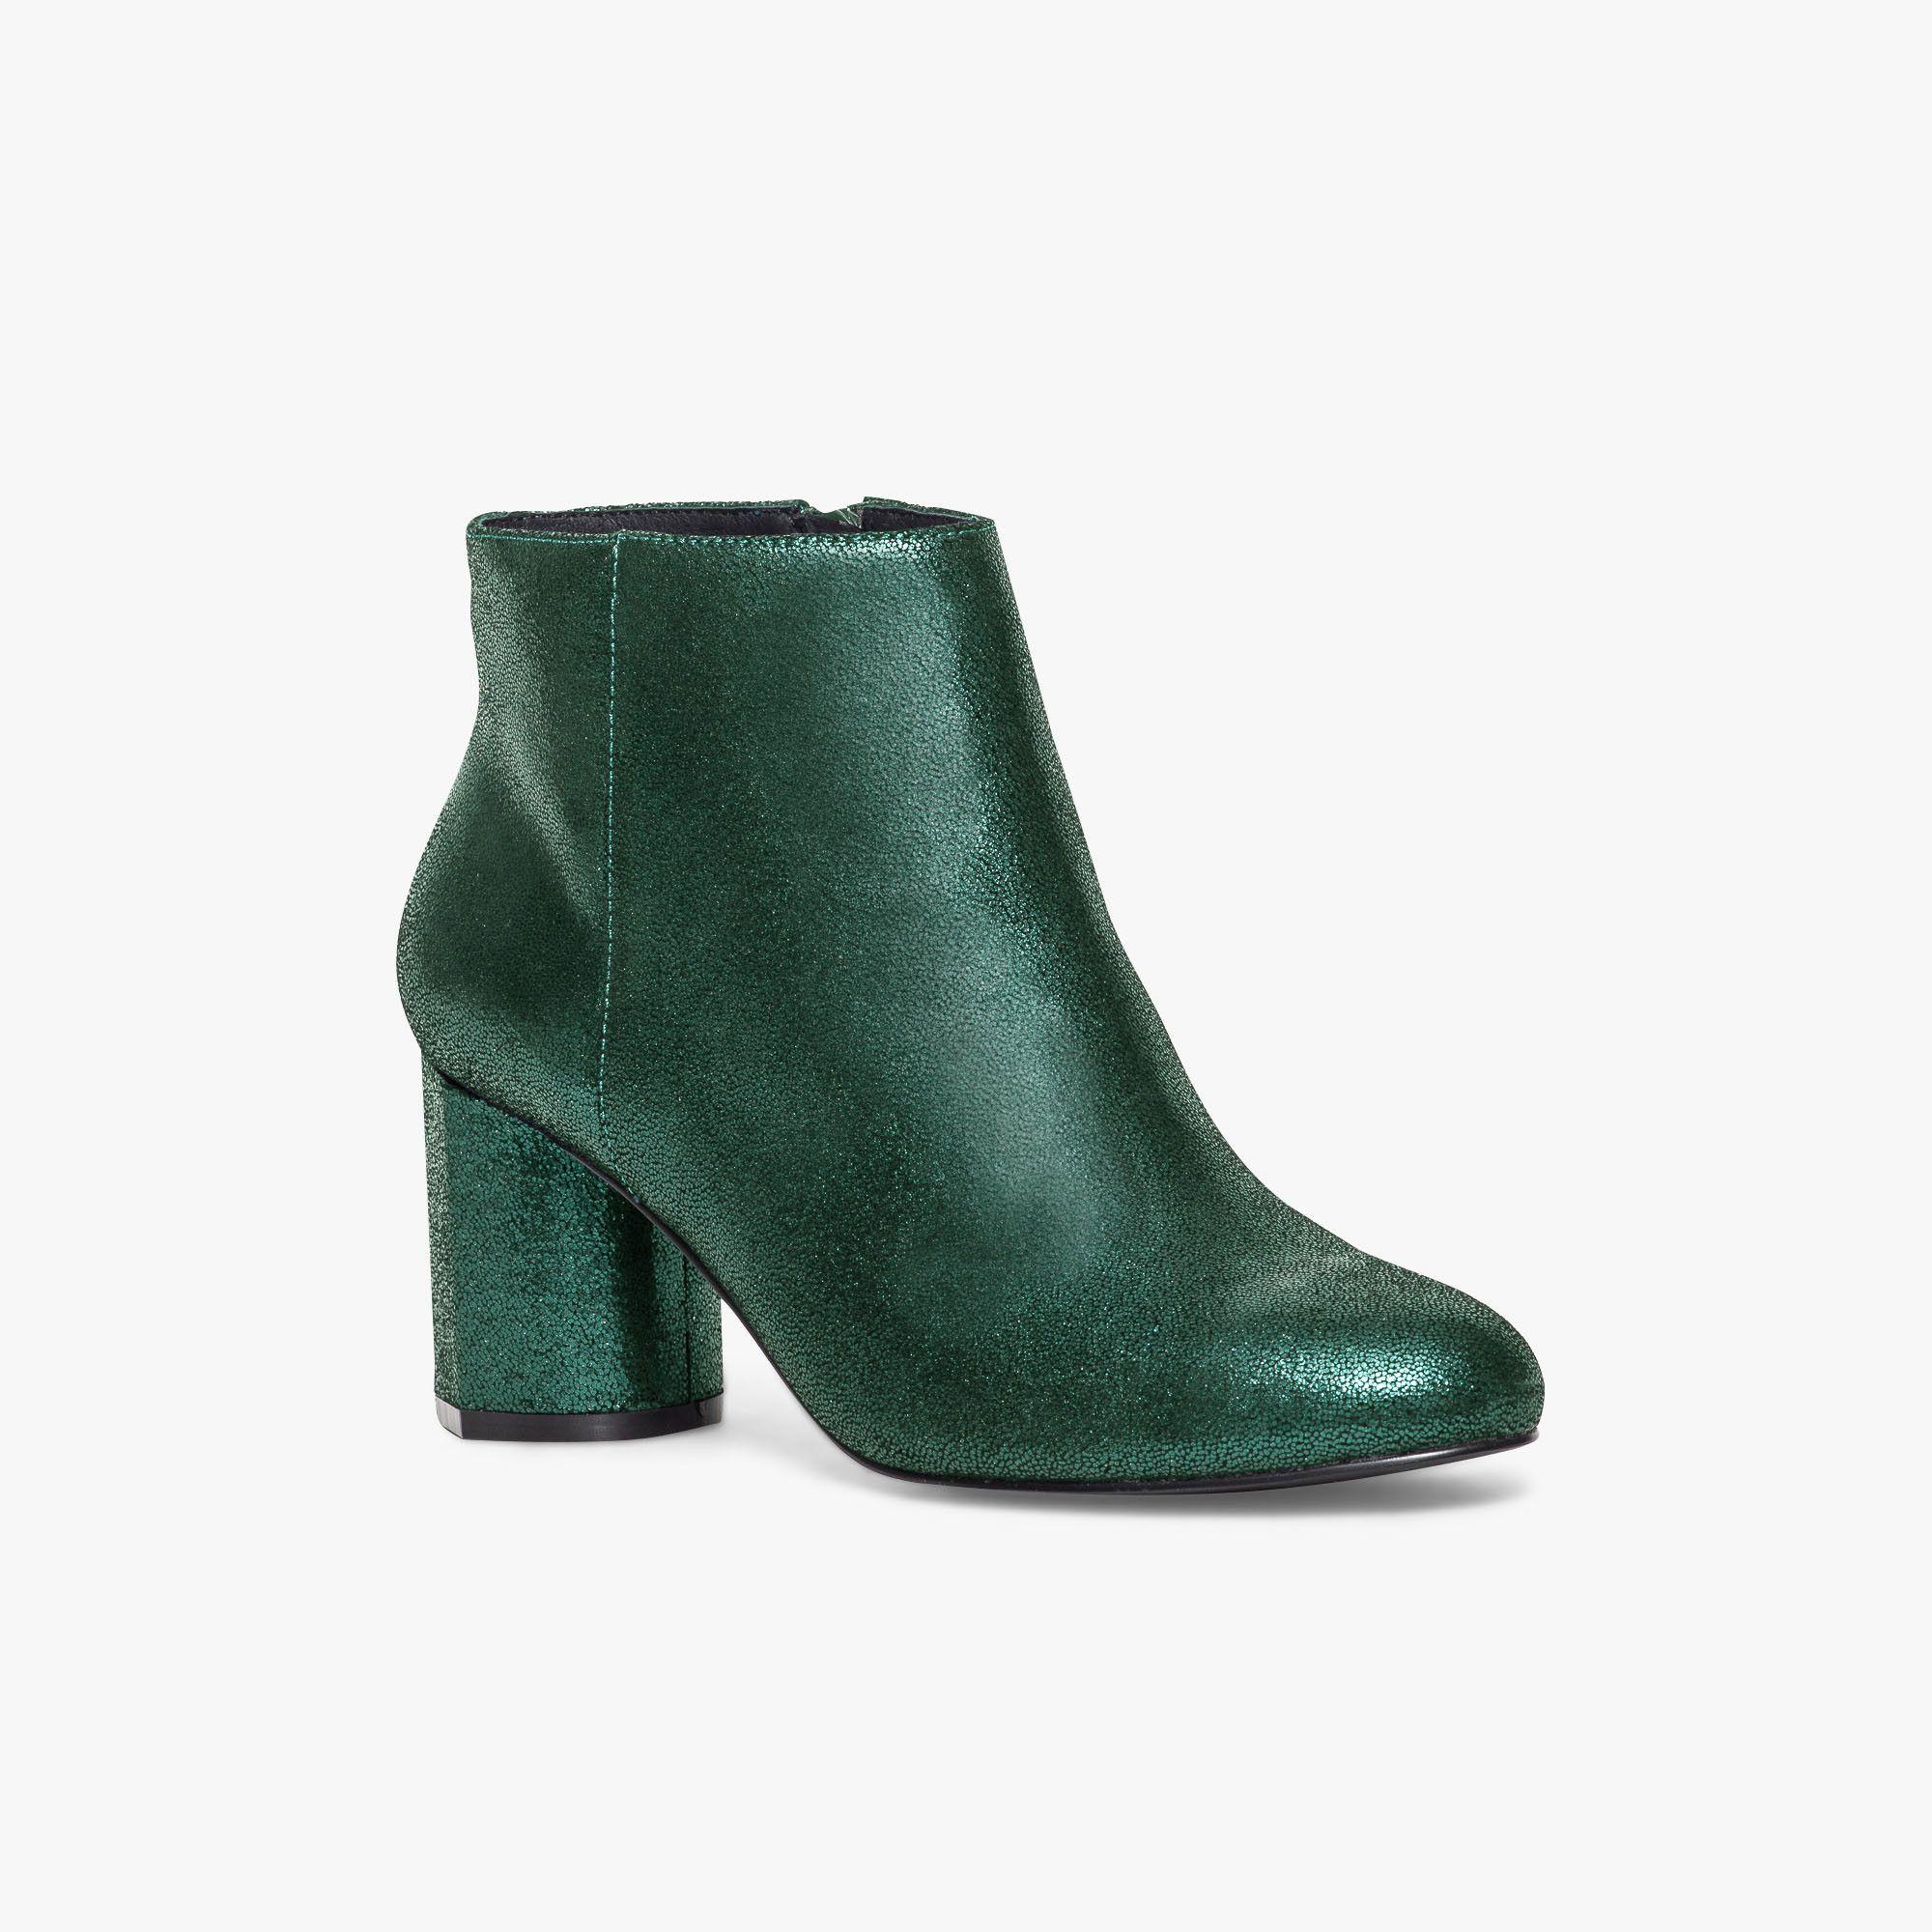 64aa5c4e3e4a Boots vert émeraude en cuir métallisé